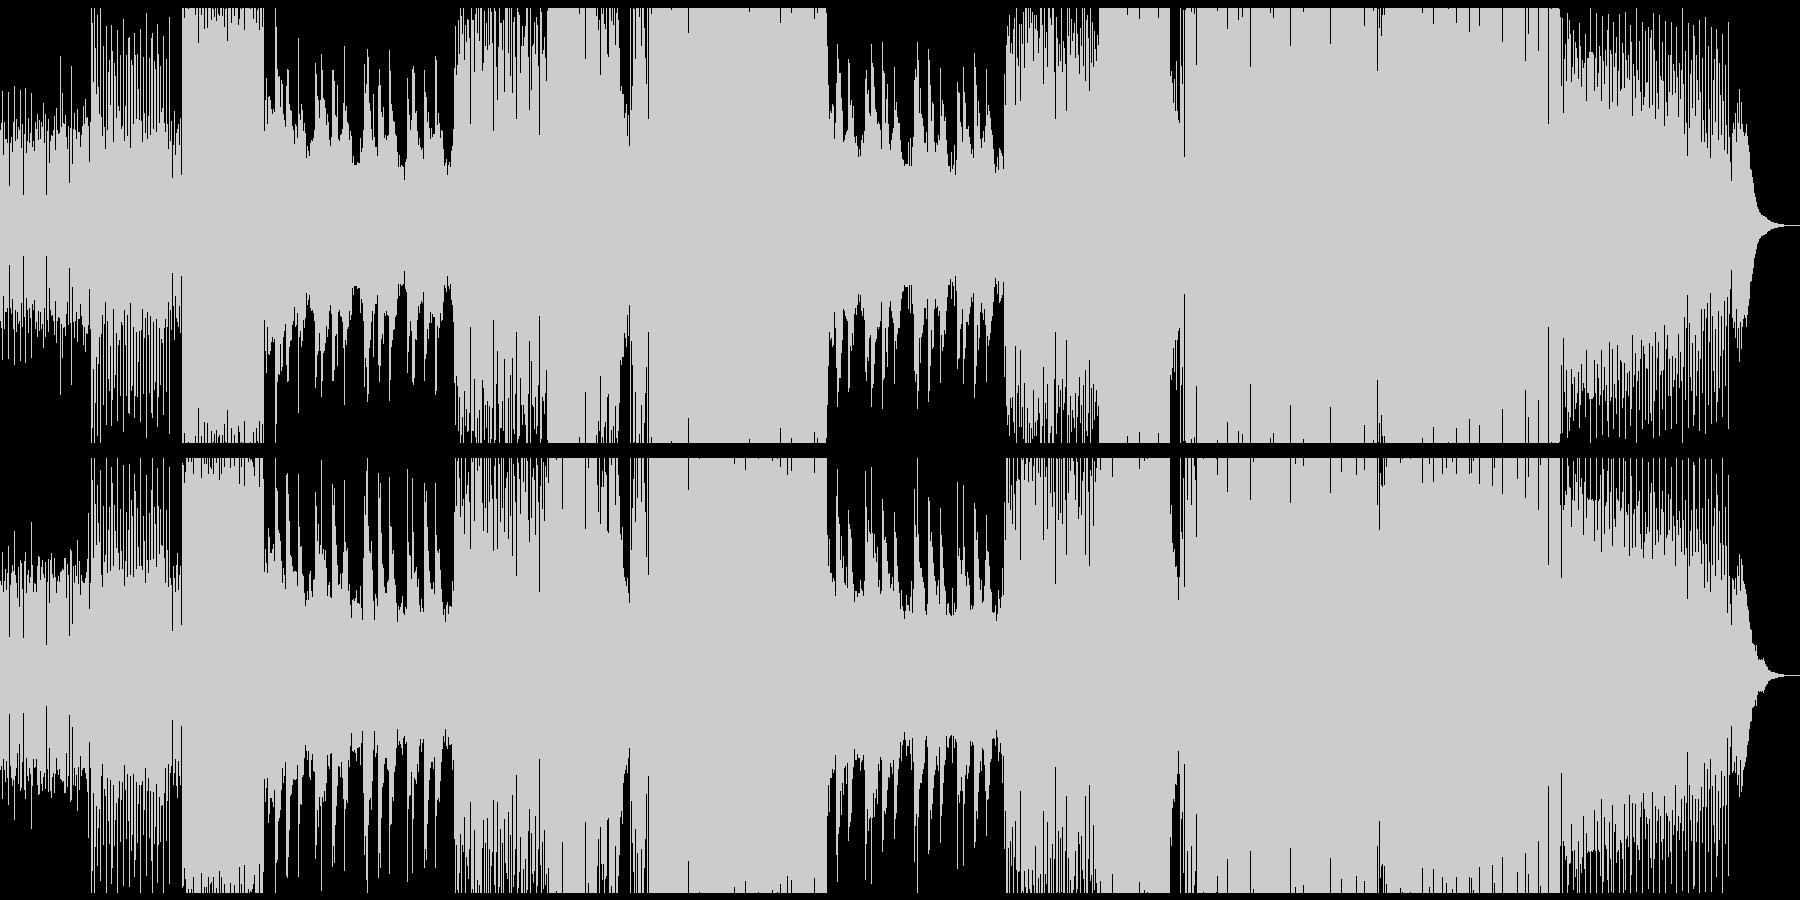 無機質クールなシンセサウンドの未再生の波形